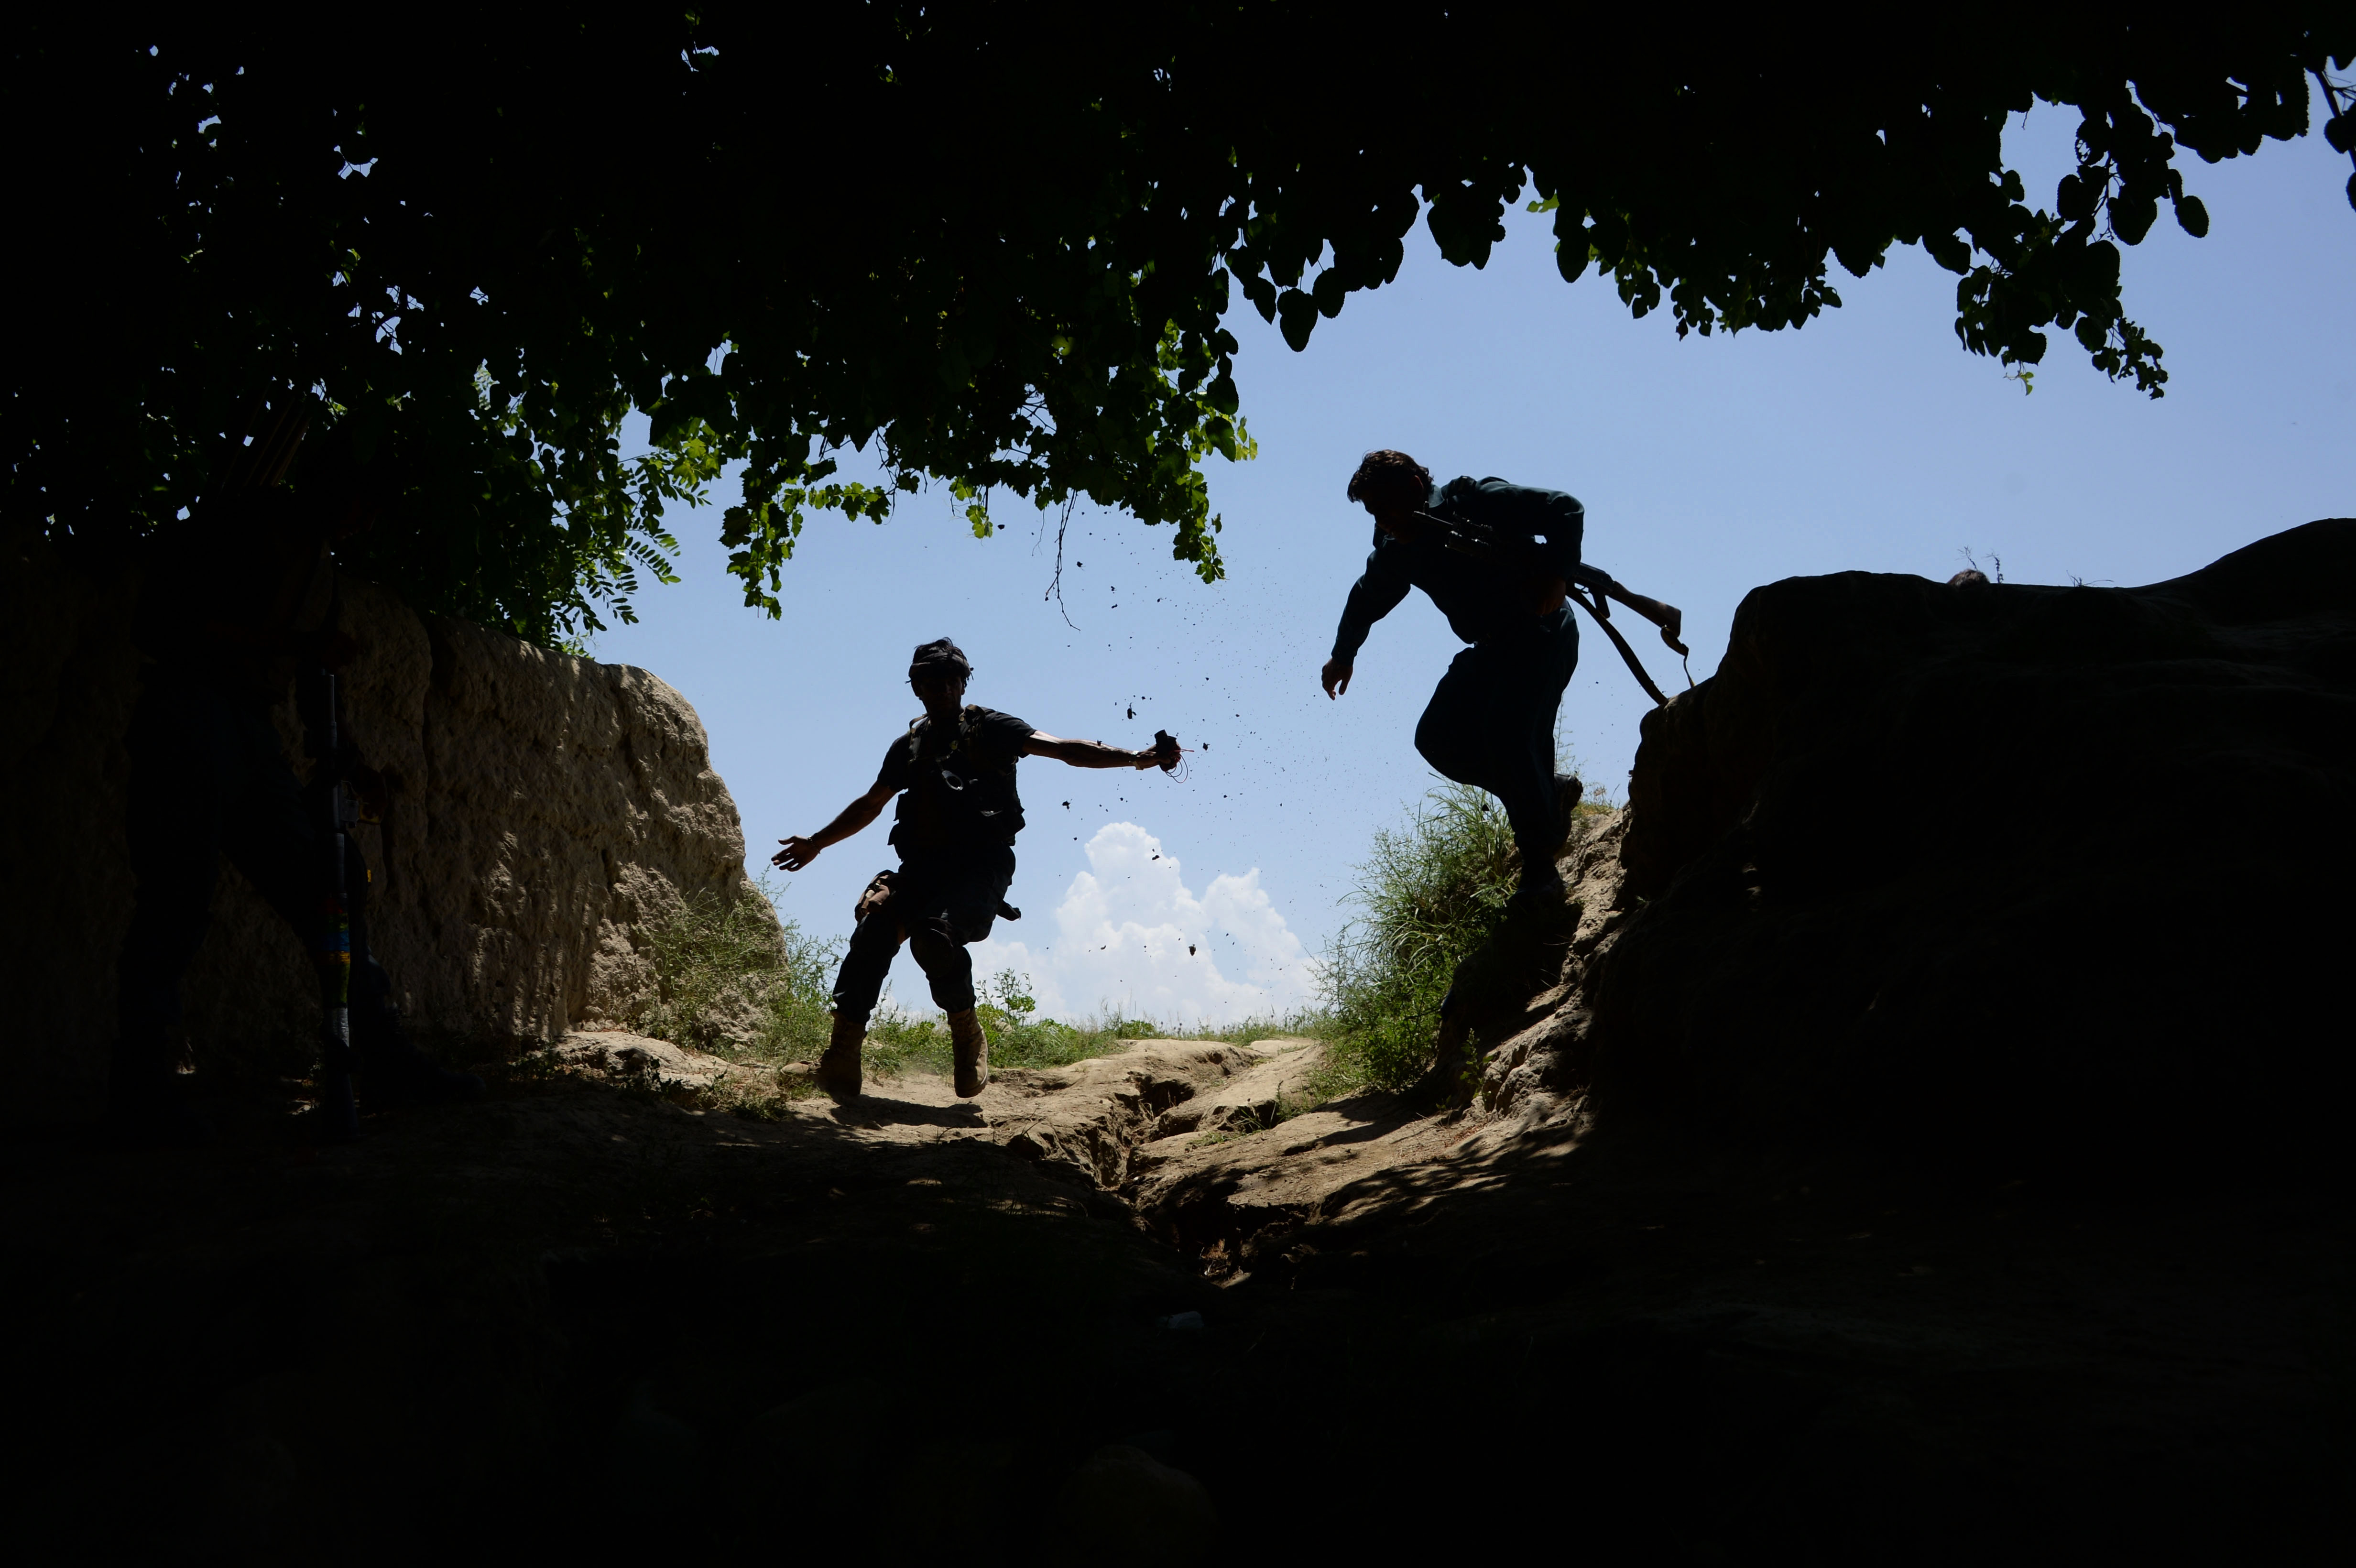 جنگ صحرایی بین داعش و طالبان در تورا بورا ادامه دارد